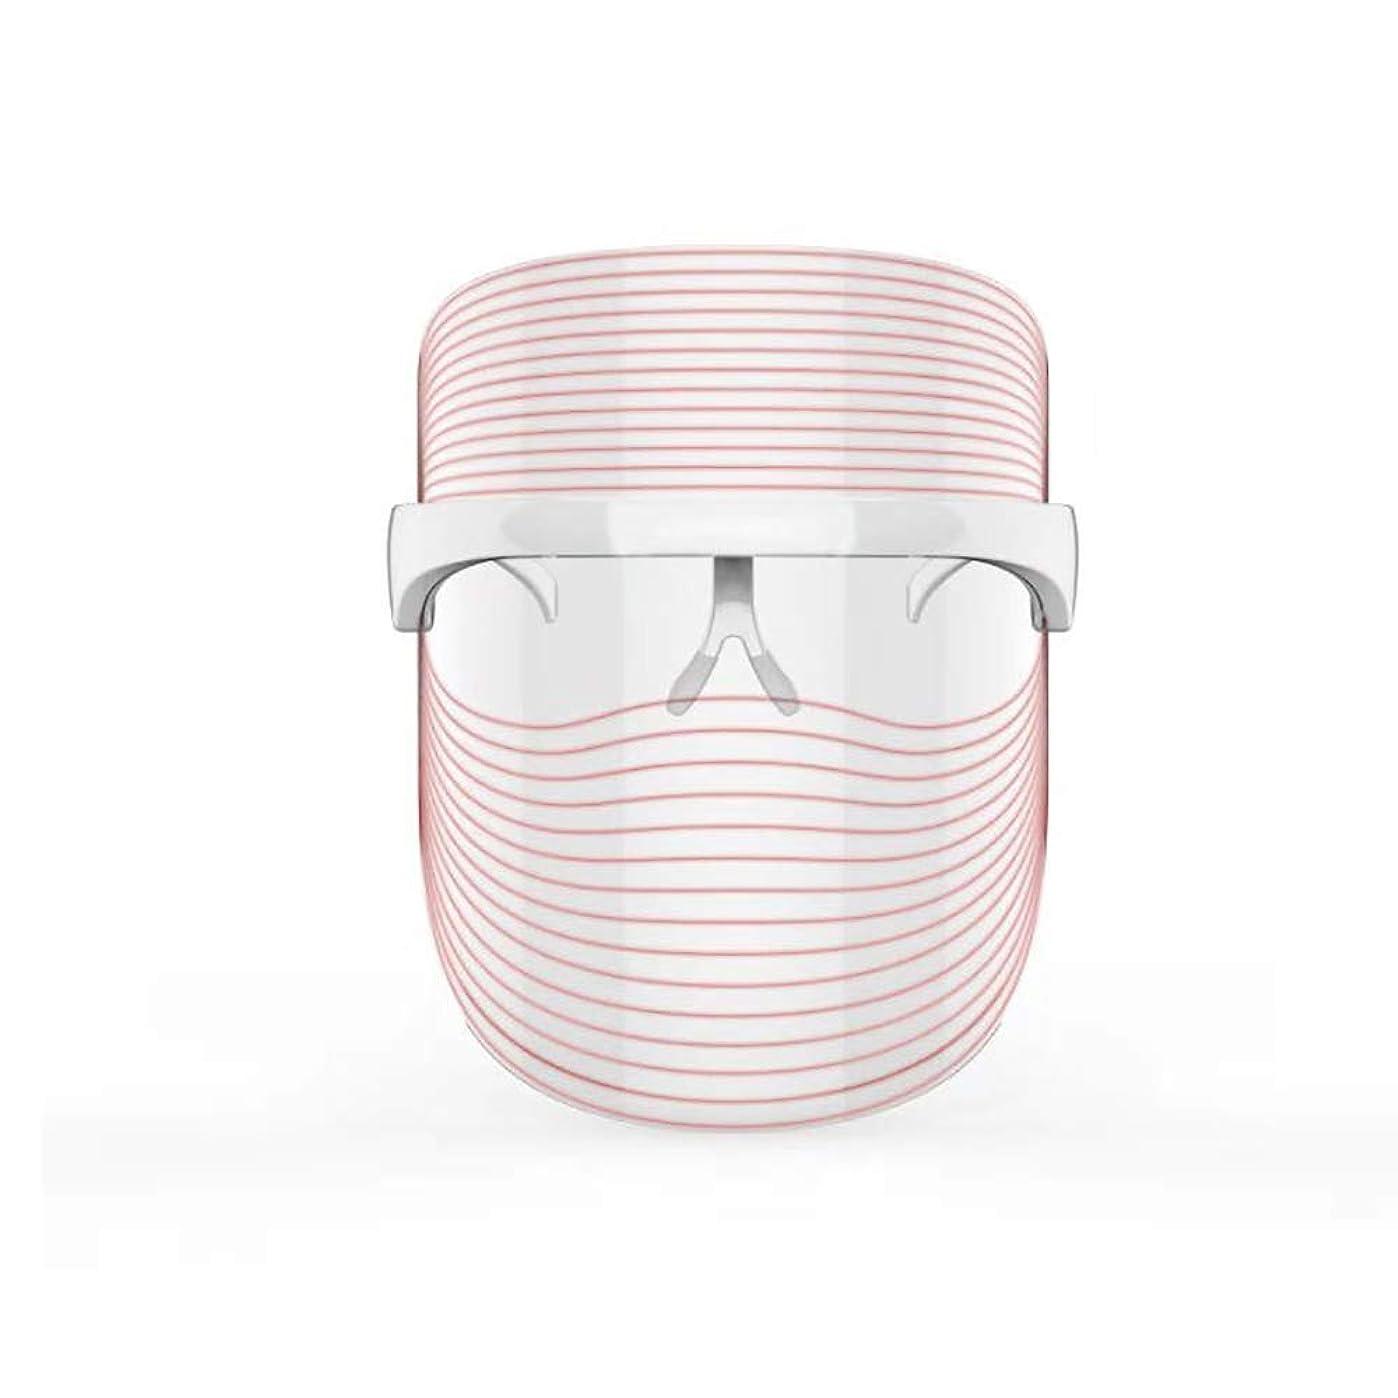 地上のパイプ古い3色LEDマスクフェイス&ネックネオン白熱LEDフェイスマスク電動フェイシャルスキンケアフェイススキンビューティー